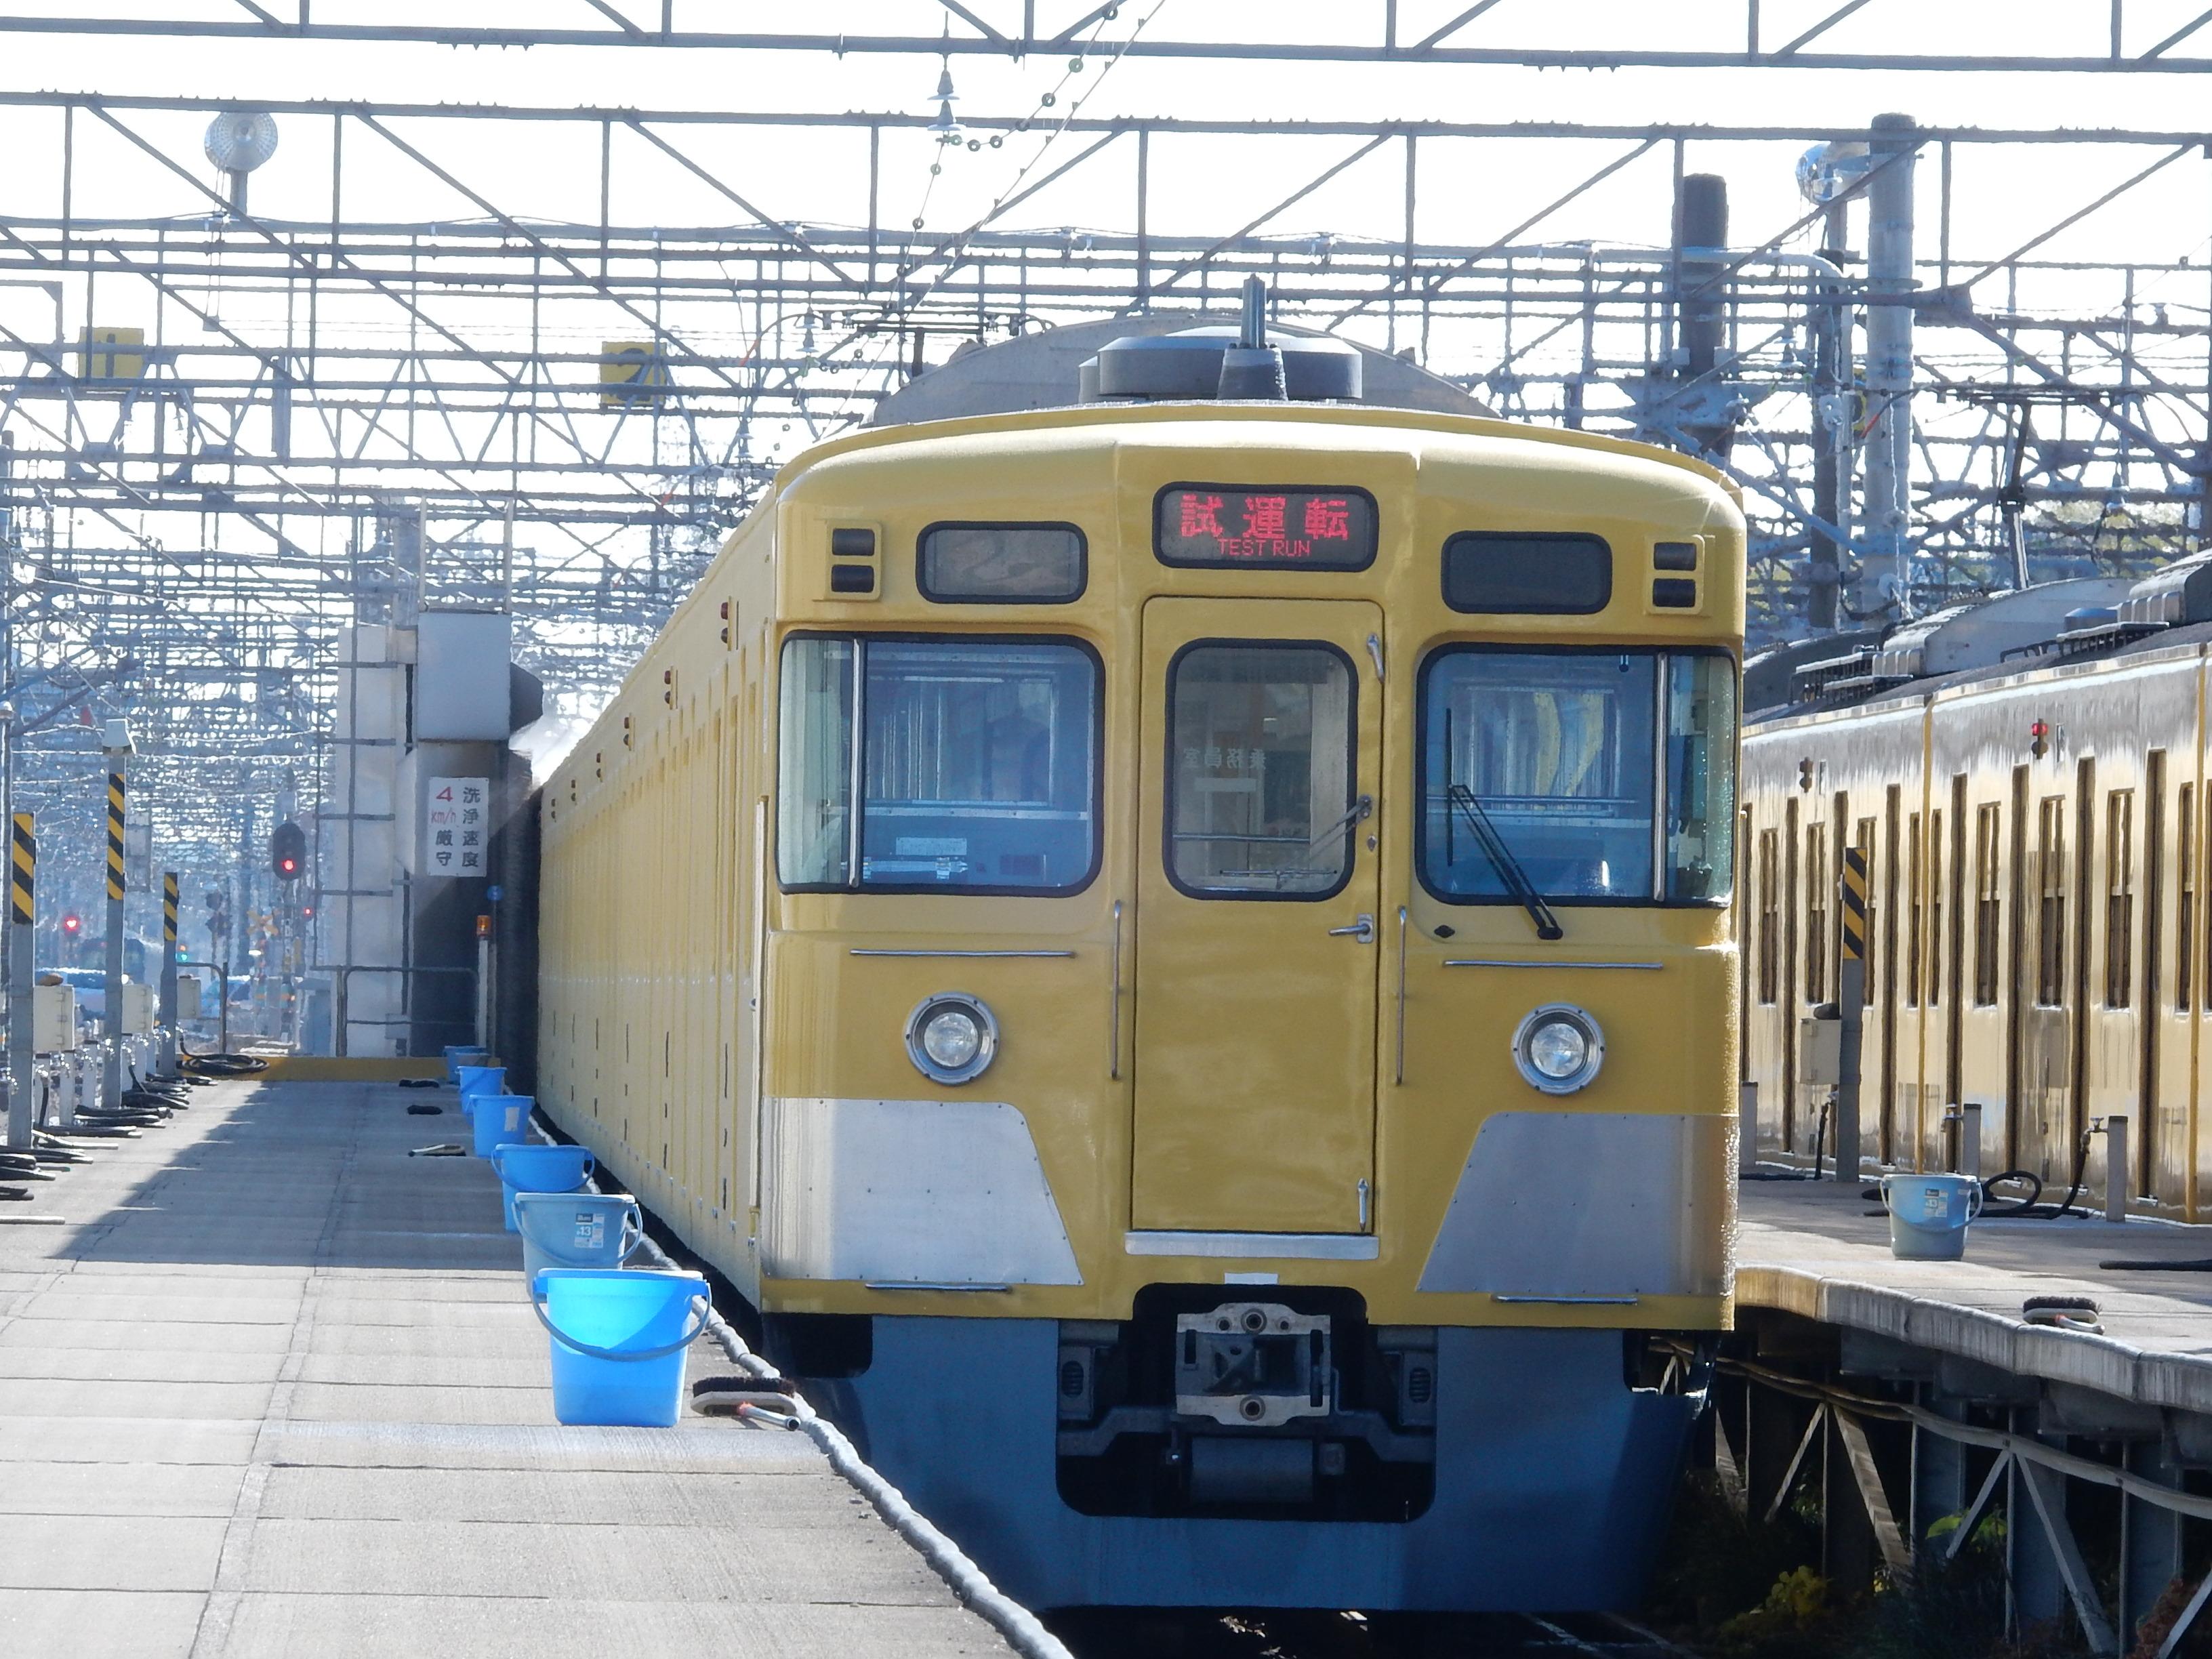 DSCN9800.jpg